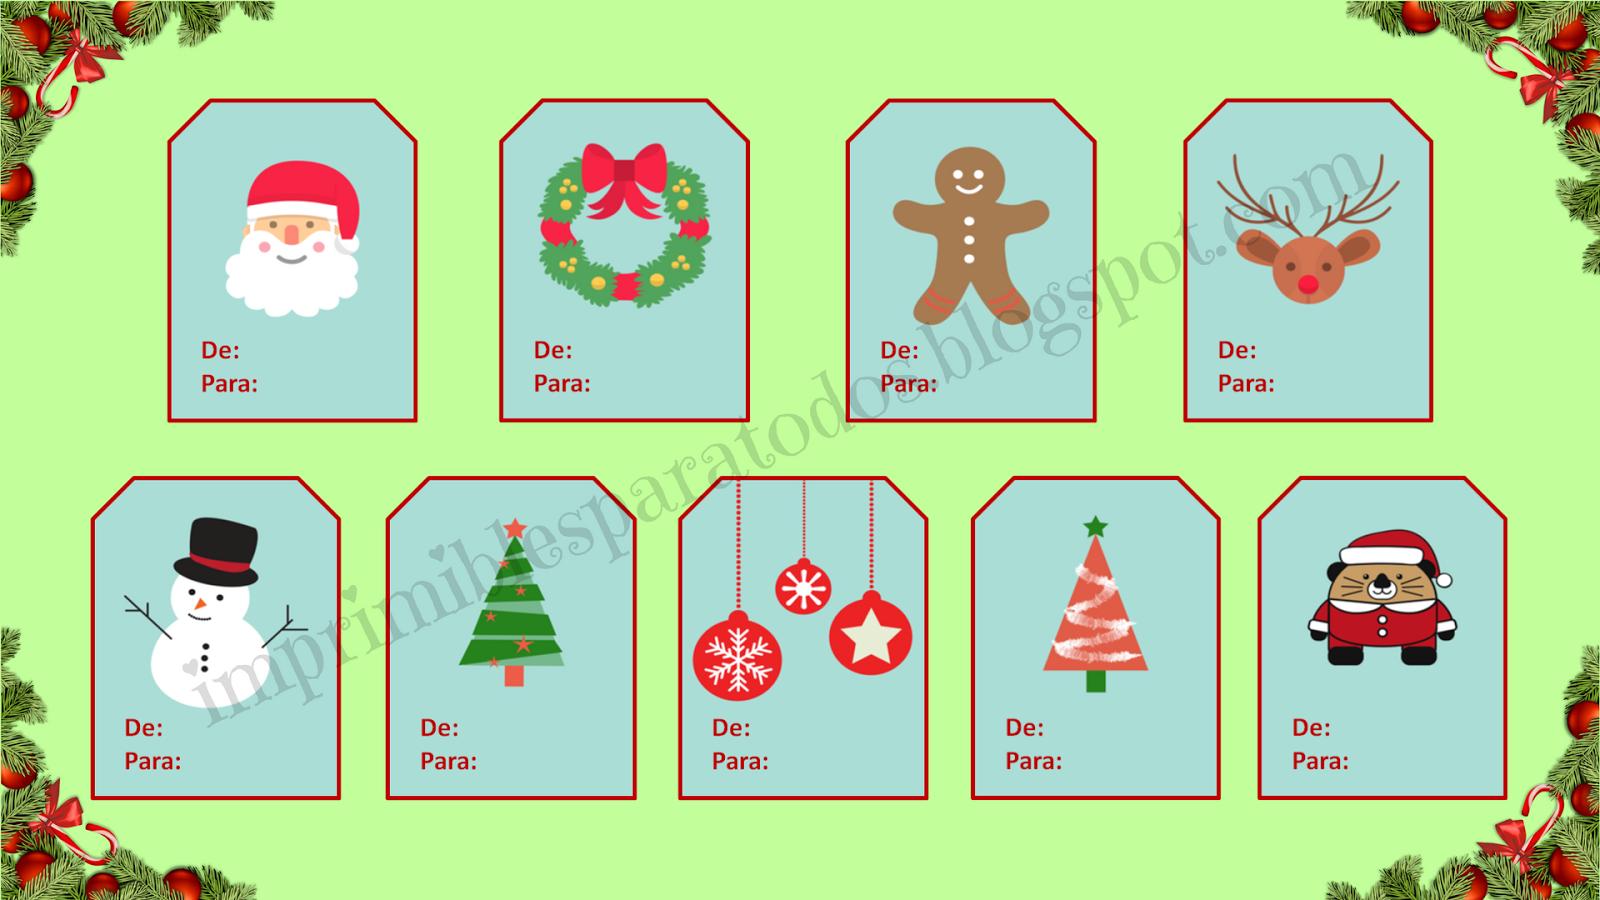 Tarjetas para regalos de navidad - Cosas para regalar en navidad ...